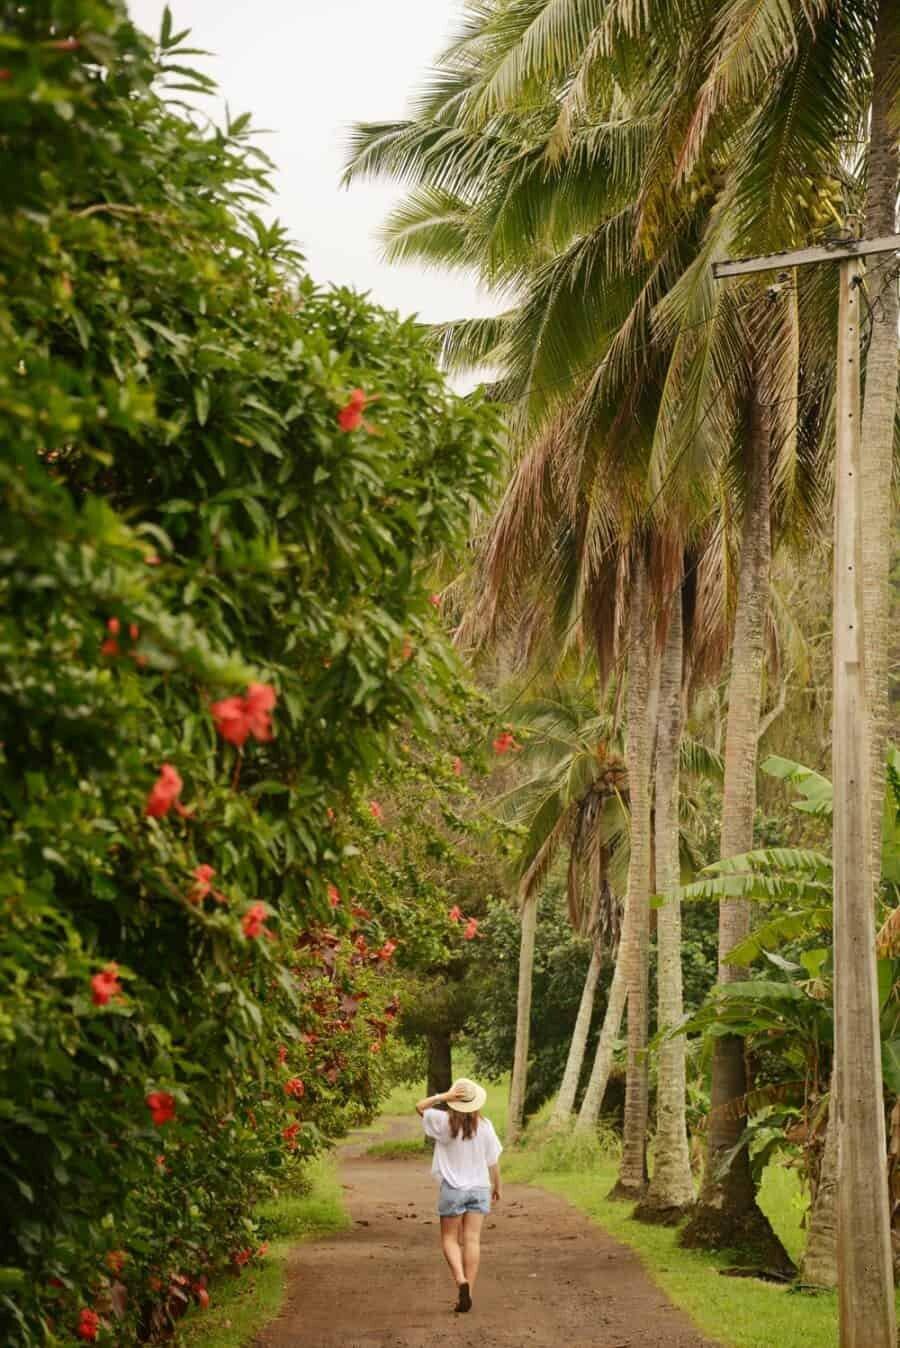 ikurangi-eco-retreat-rarotonga-cook-islands-30